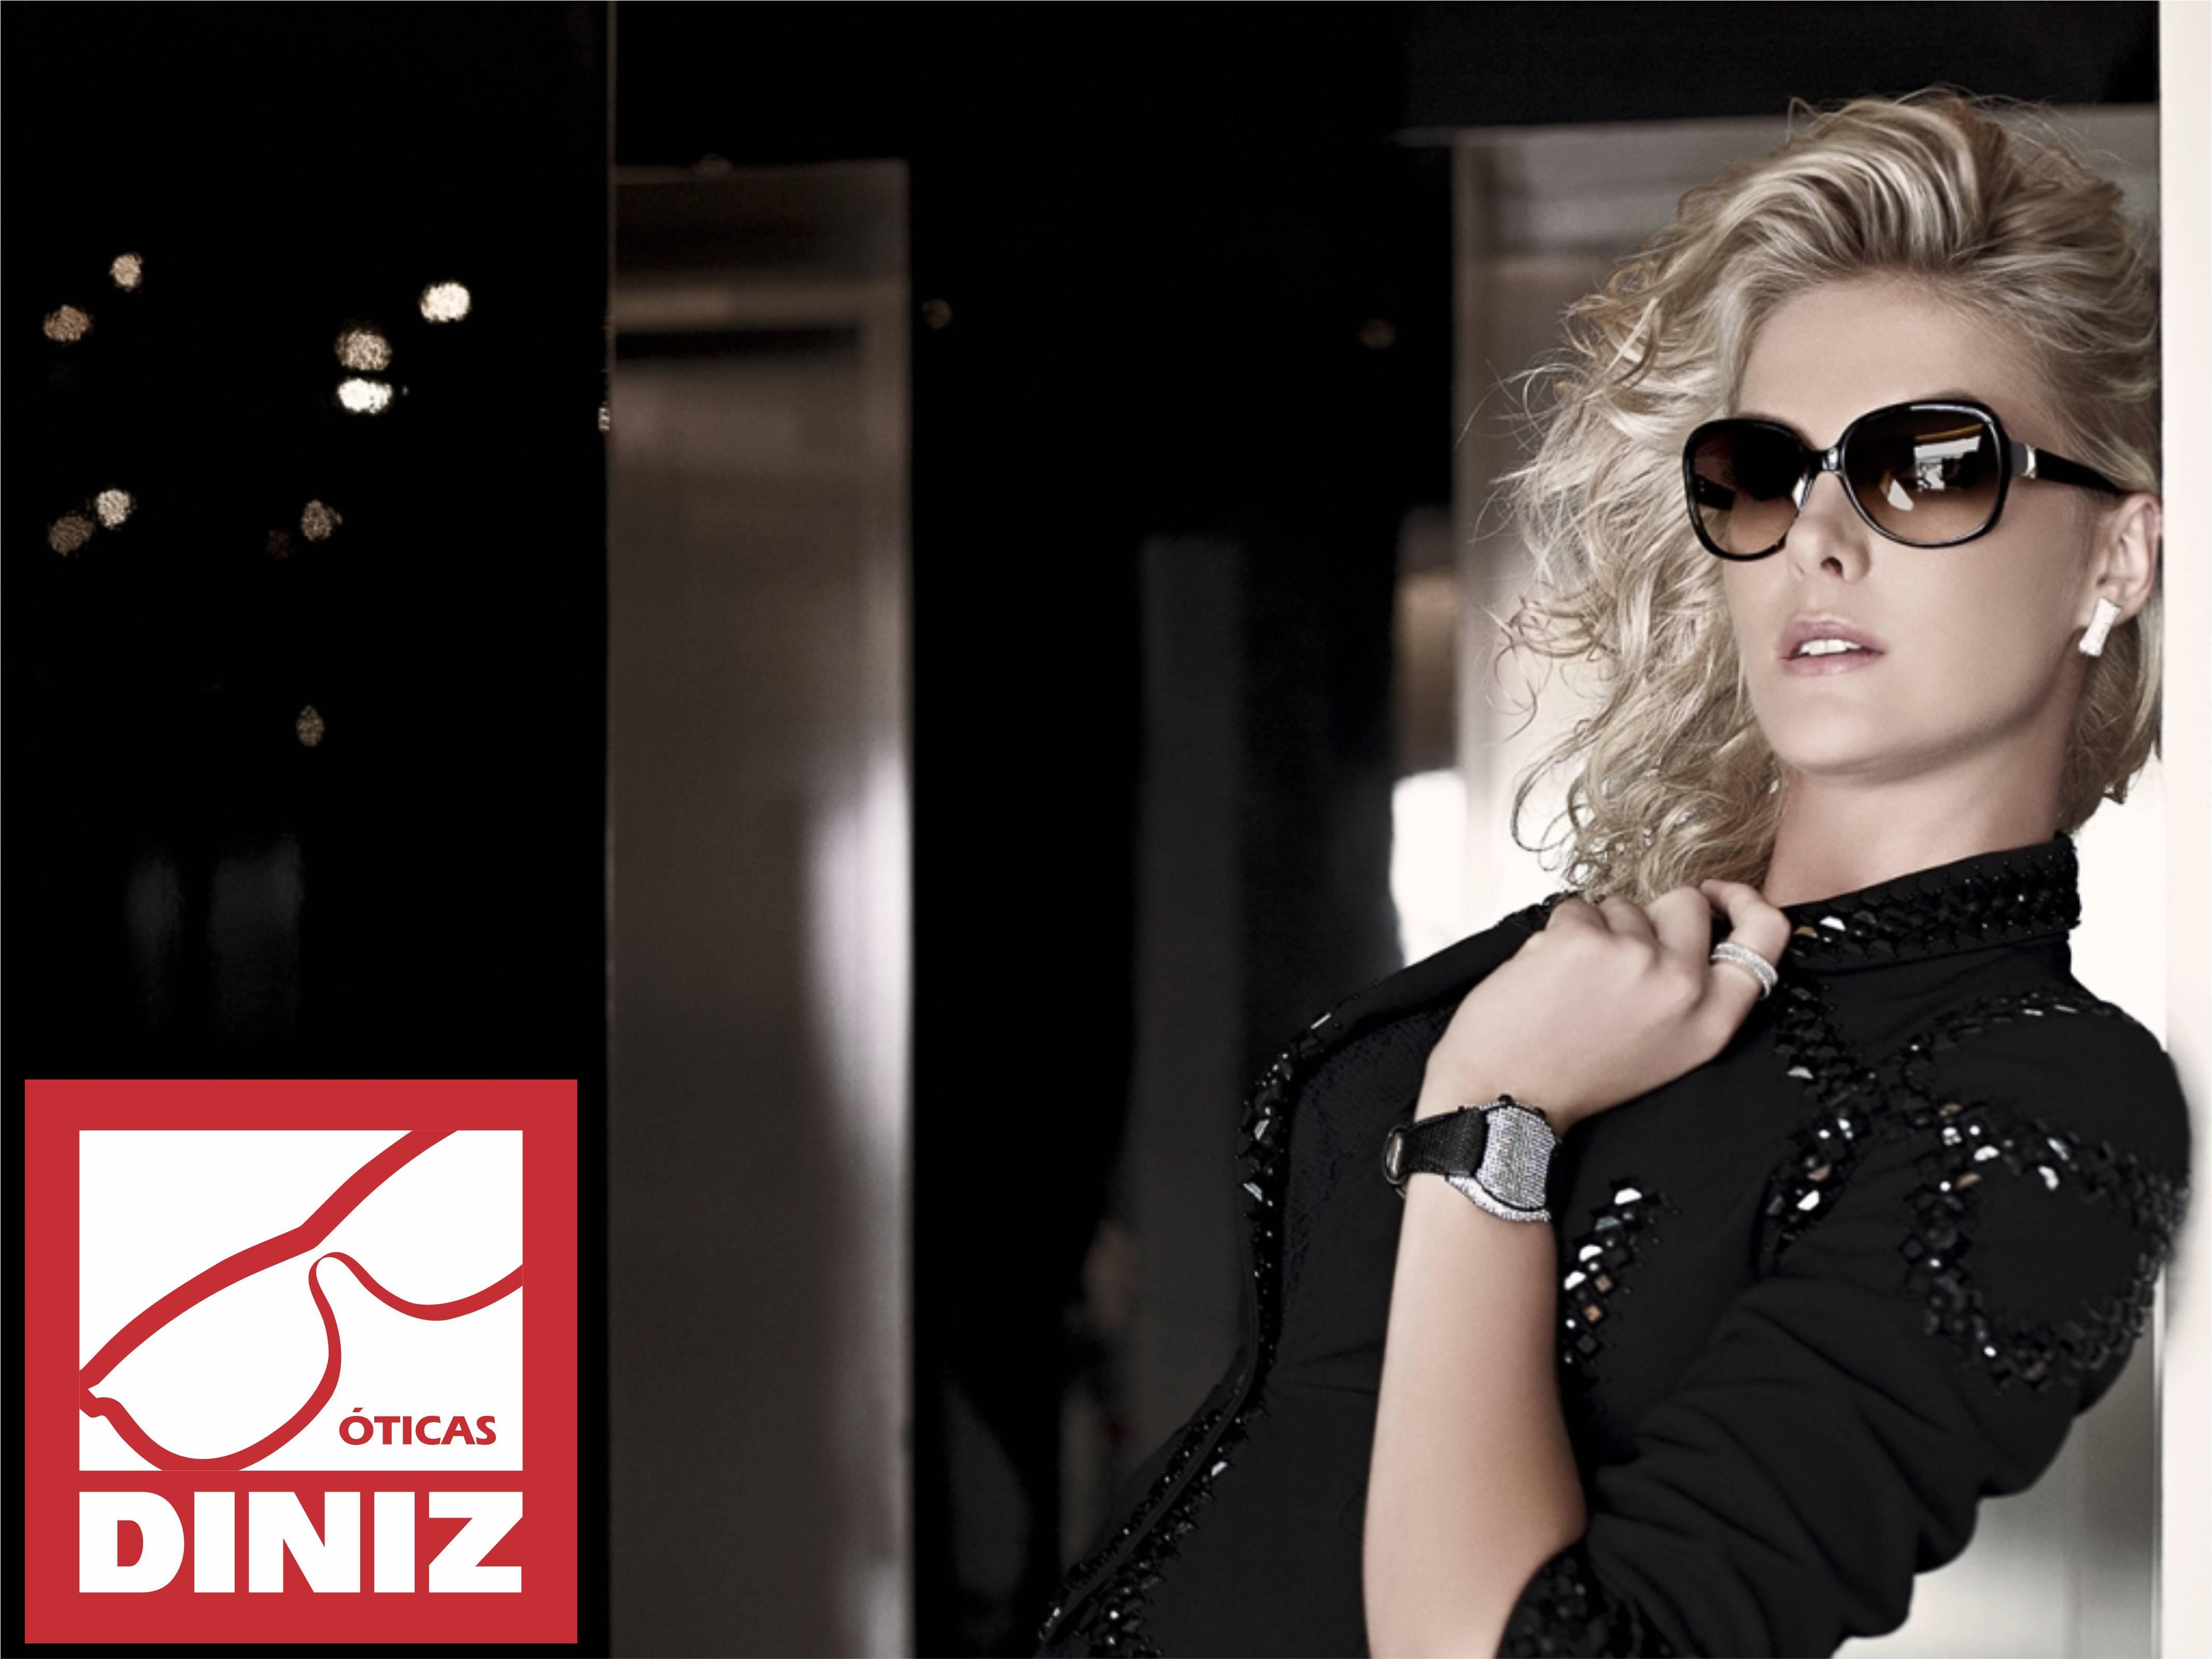 c74787bdc óticas Diniz divulg | Portal Chiquérrimo | moda, beleza, social e muito mais